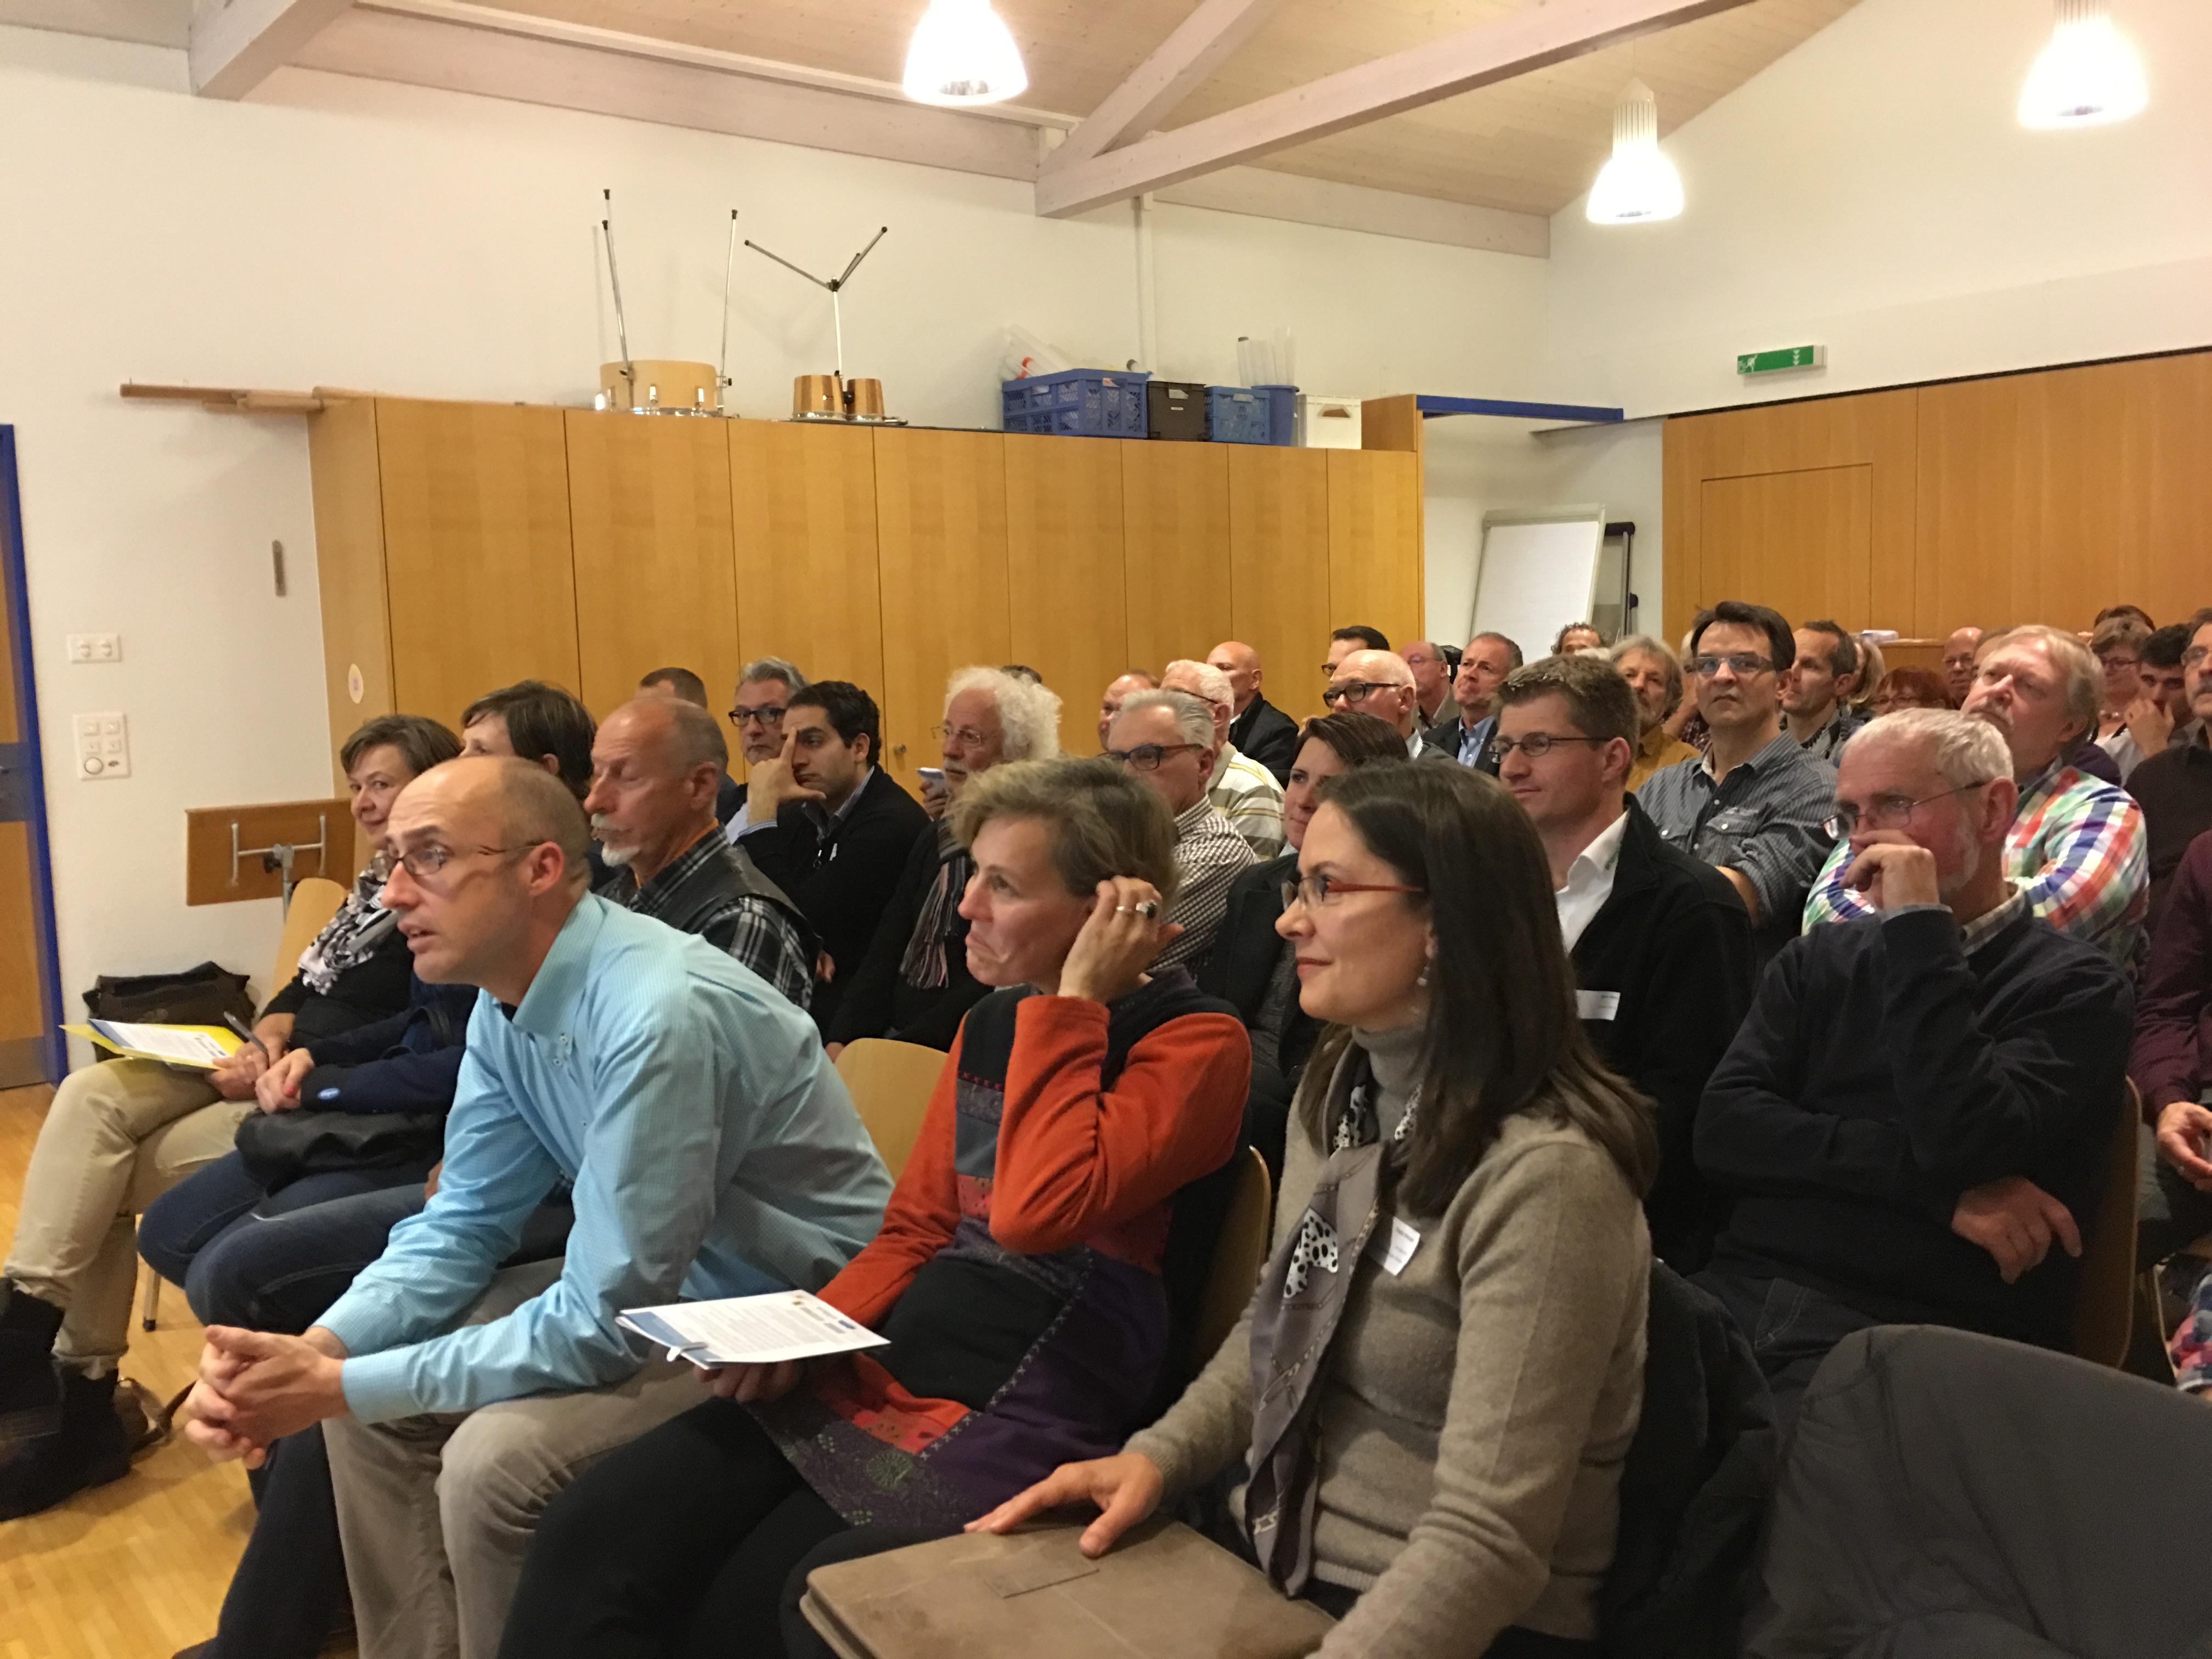 Die Referierenden Bruno Rüegg, Sonja Gehrig und Thalia Meyer hören dem Vorredner zu.